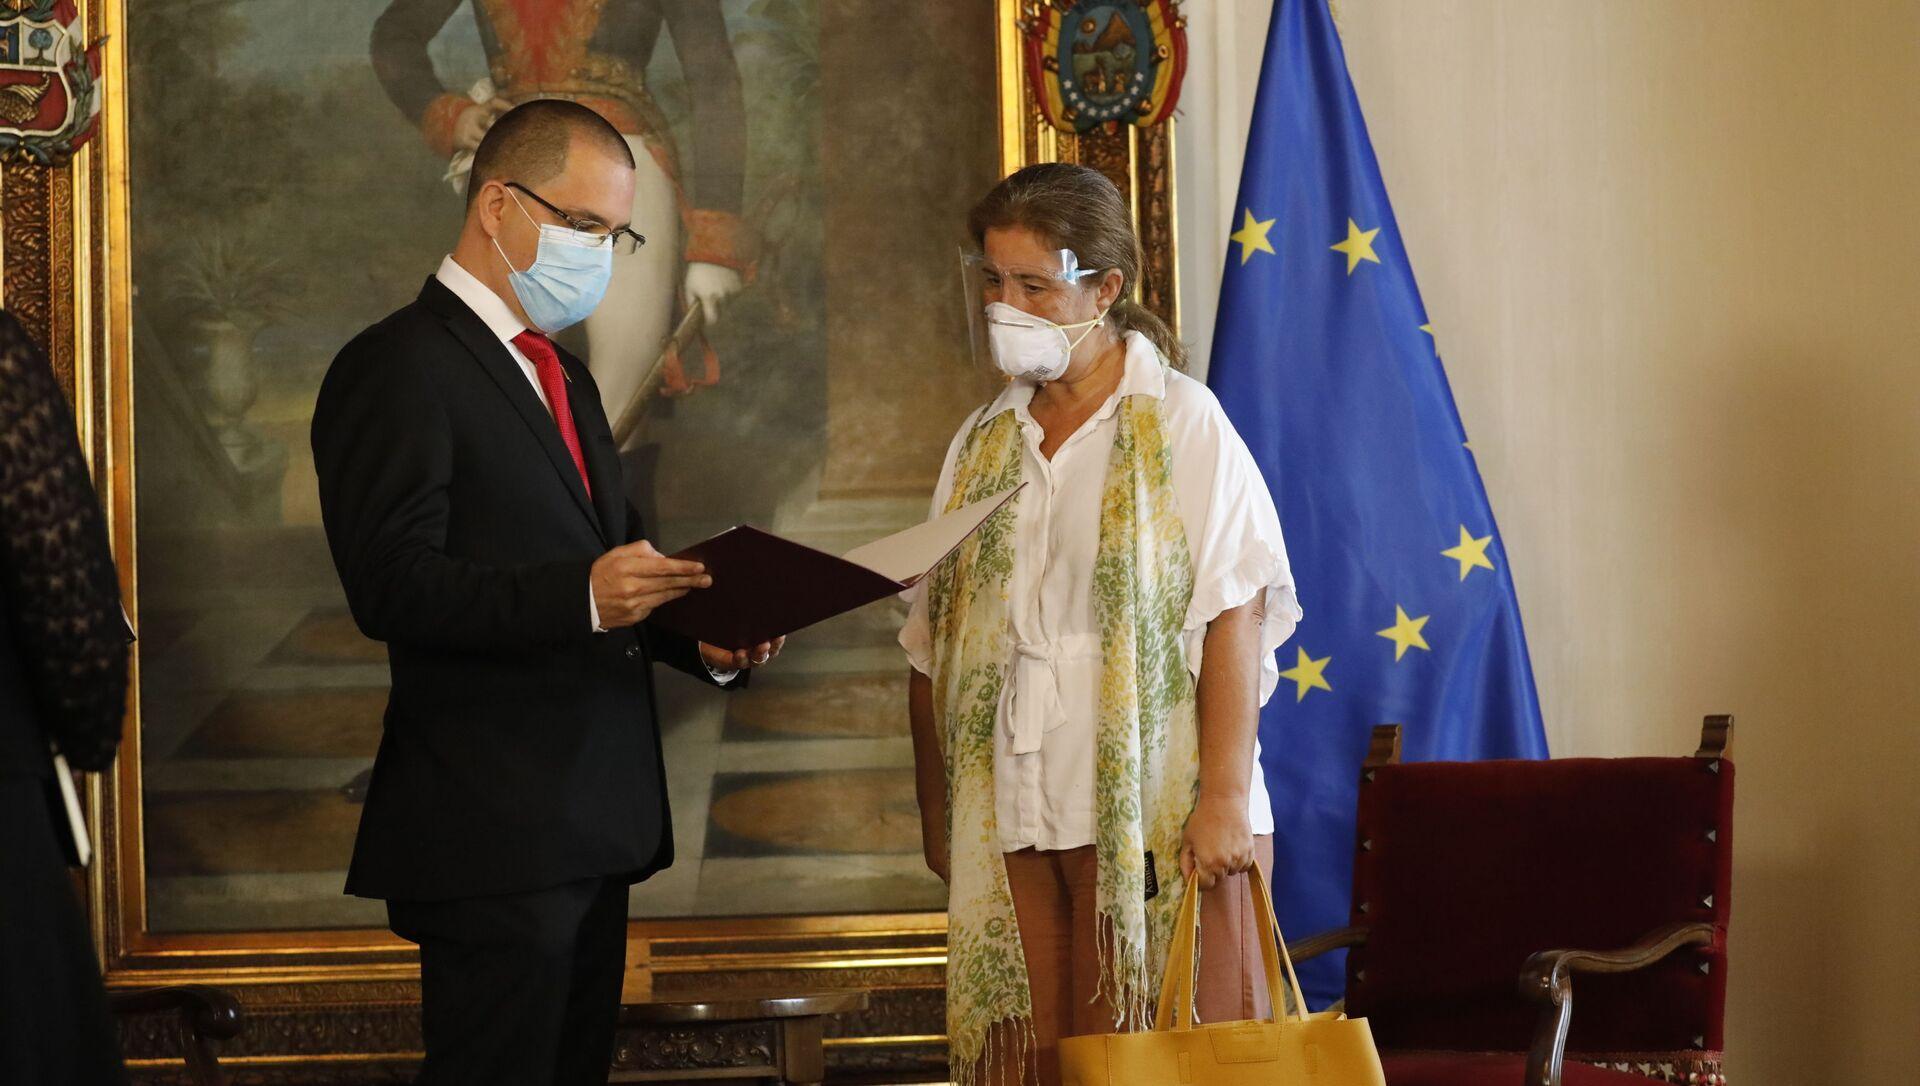 Ministar spoljnih poslova Venecuele Horhe Areasa uručuje notu ambasadorki EU u Venecueli Isabel Briljante - Sputnik Srbija, 1920, 24.02.2021